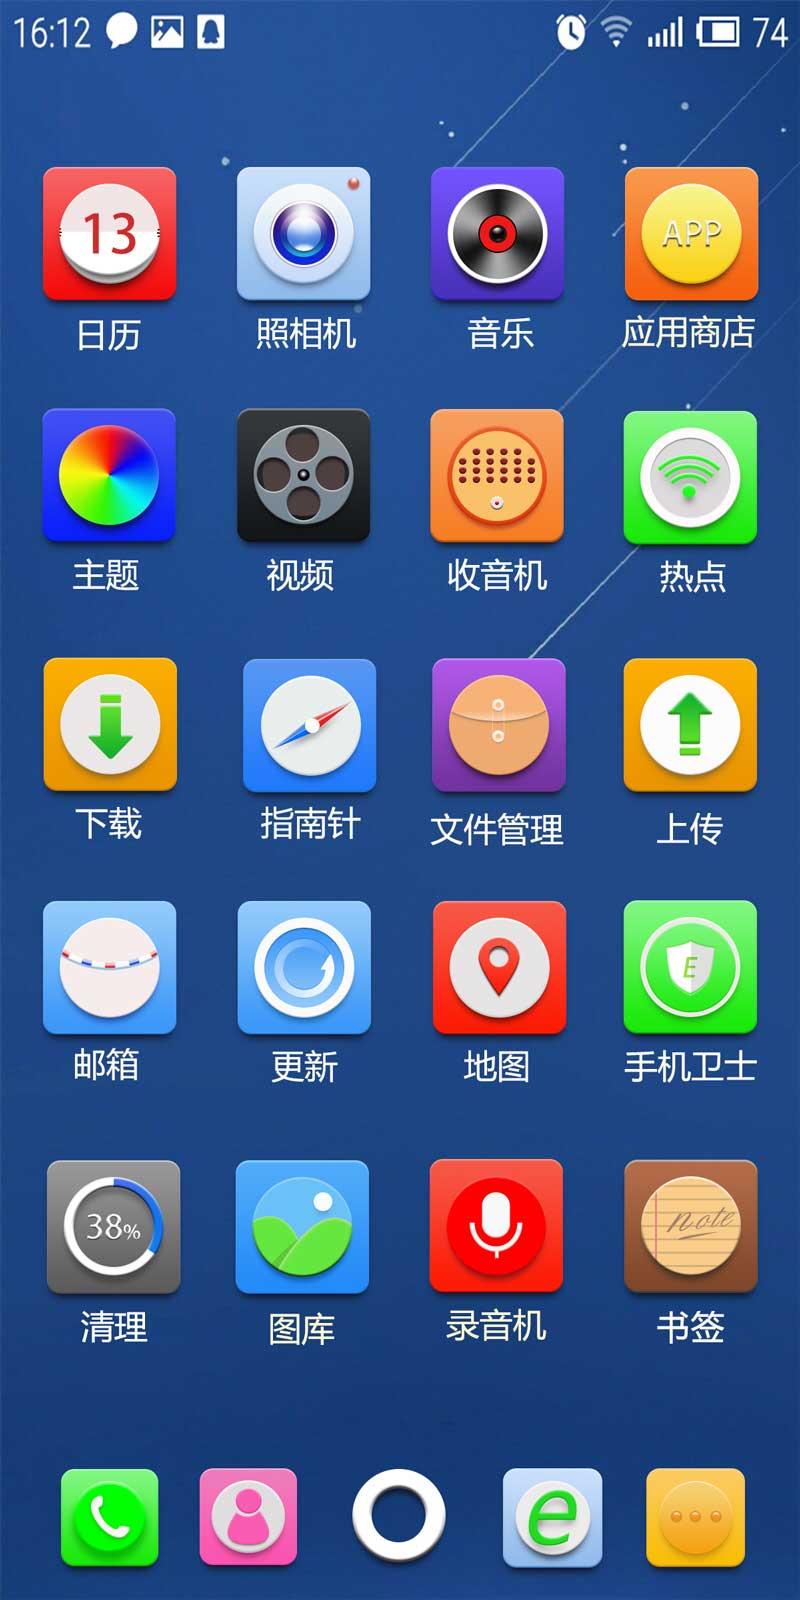 精美的安卓手机桌面软件APP图标素材下载